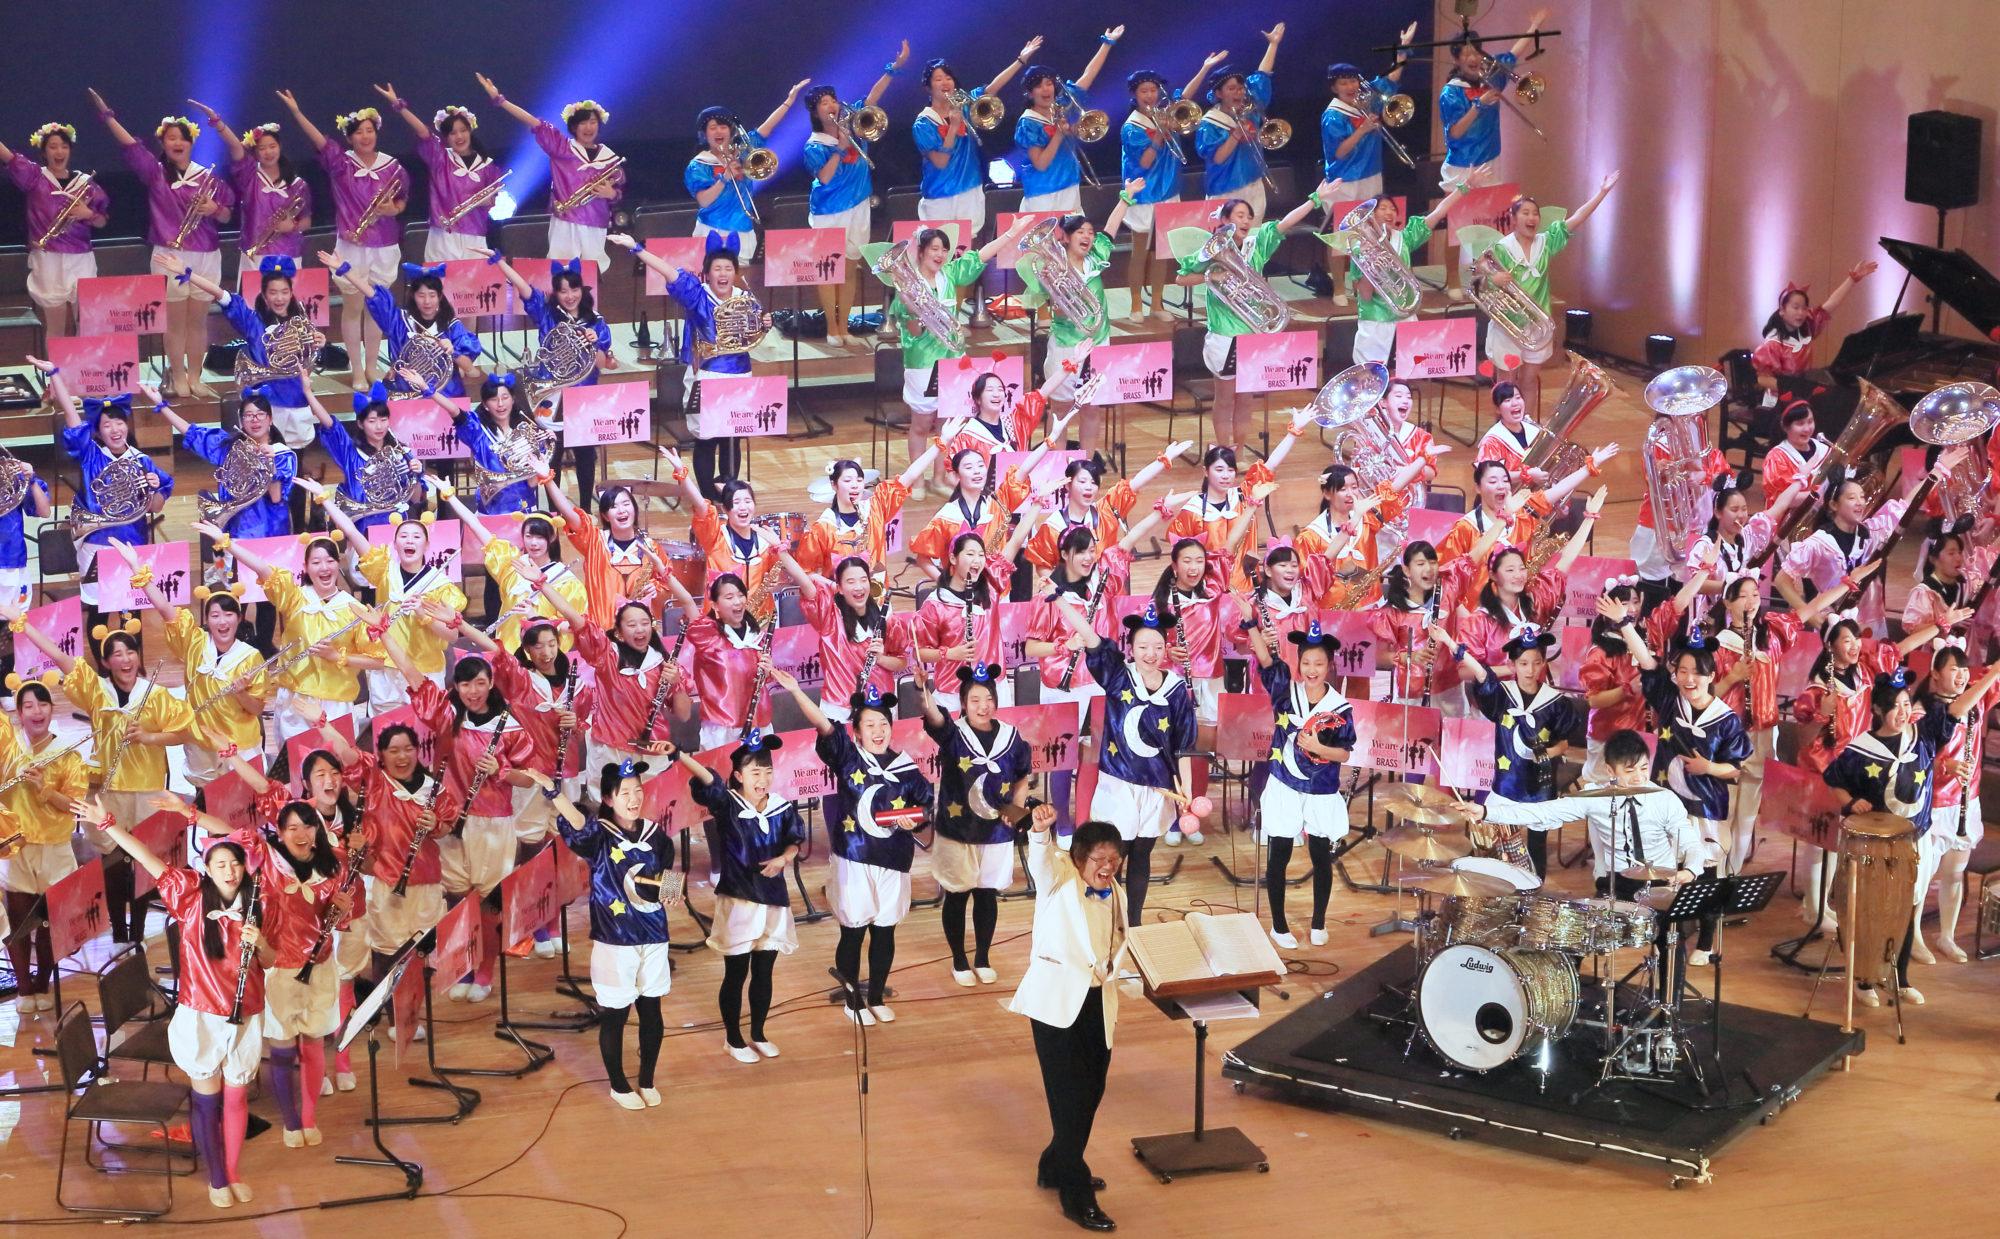 活水学院吹奏楽団 -オフィシャルウェブサイト-